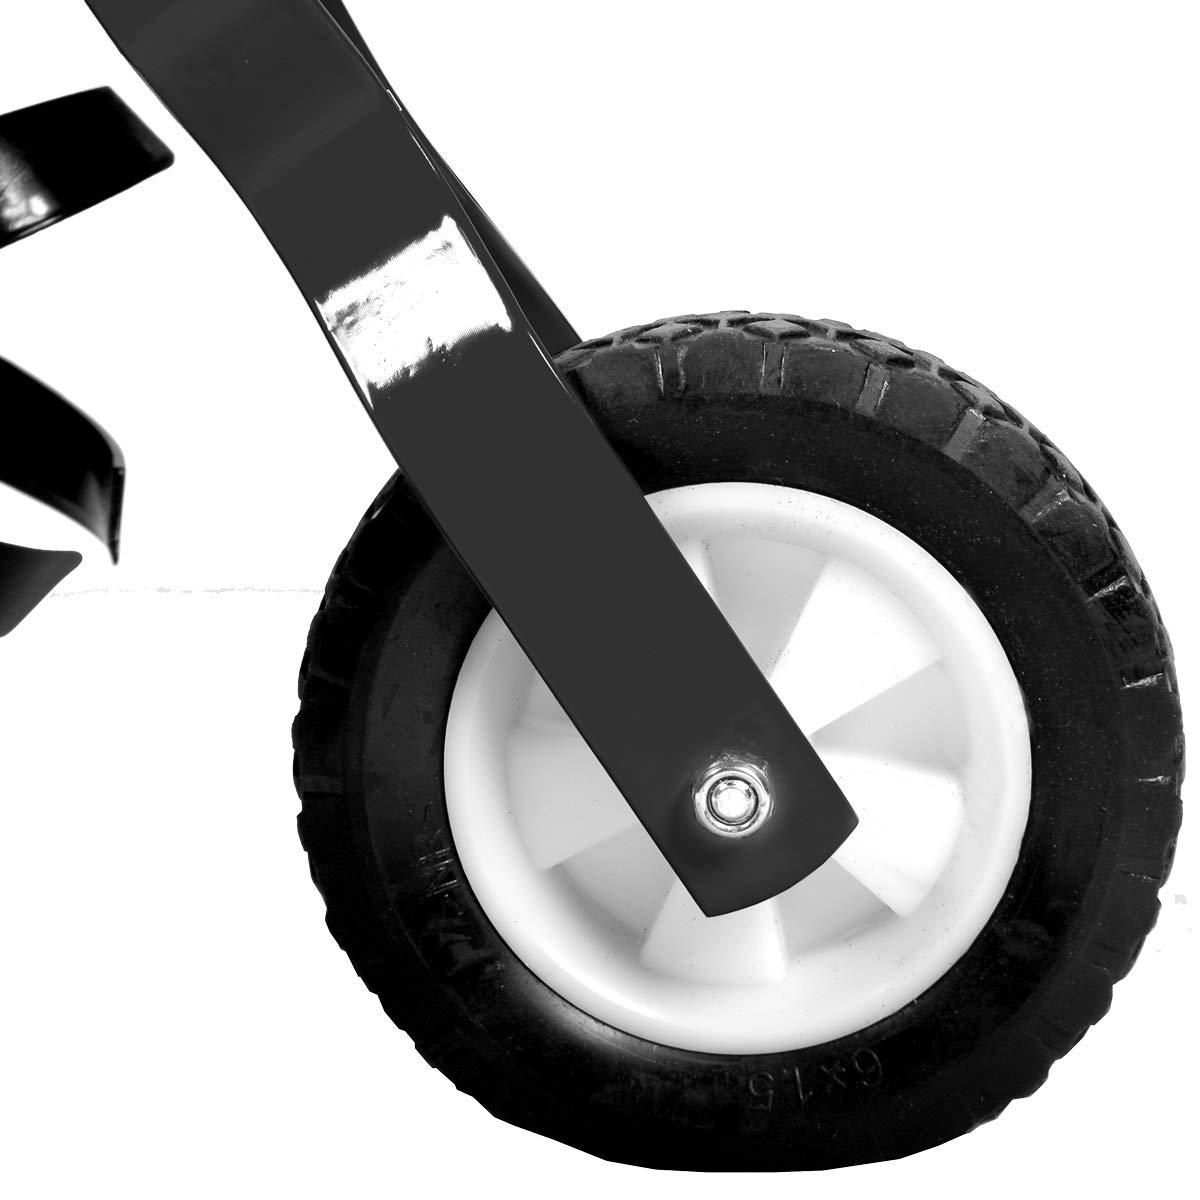 brast Gasolina de labranza Fresadora 4,4 kw (6PS) Incluso Motor azada arado suelo Fresadora Cultivador 2 trabajo Amplia 36 cm/60 cm: Amazon.es: Bricolaje y ...